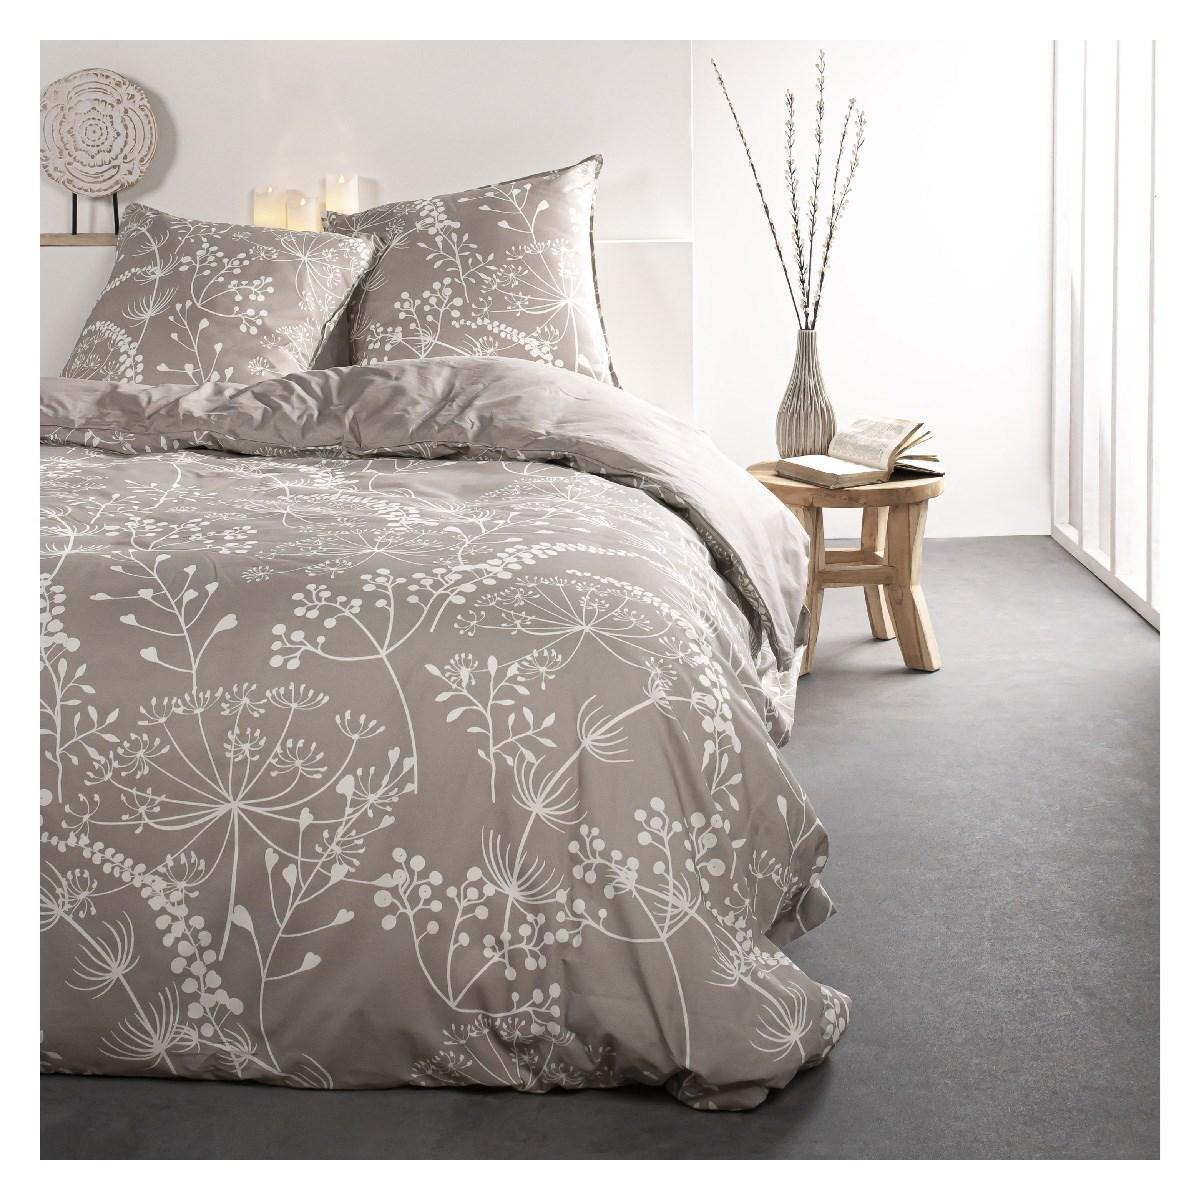 Parure de lit 2 personnes imprimé floral en Coton Marron 240x260 cm